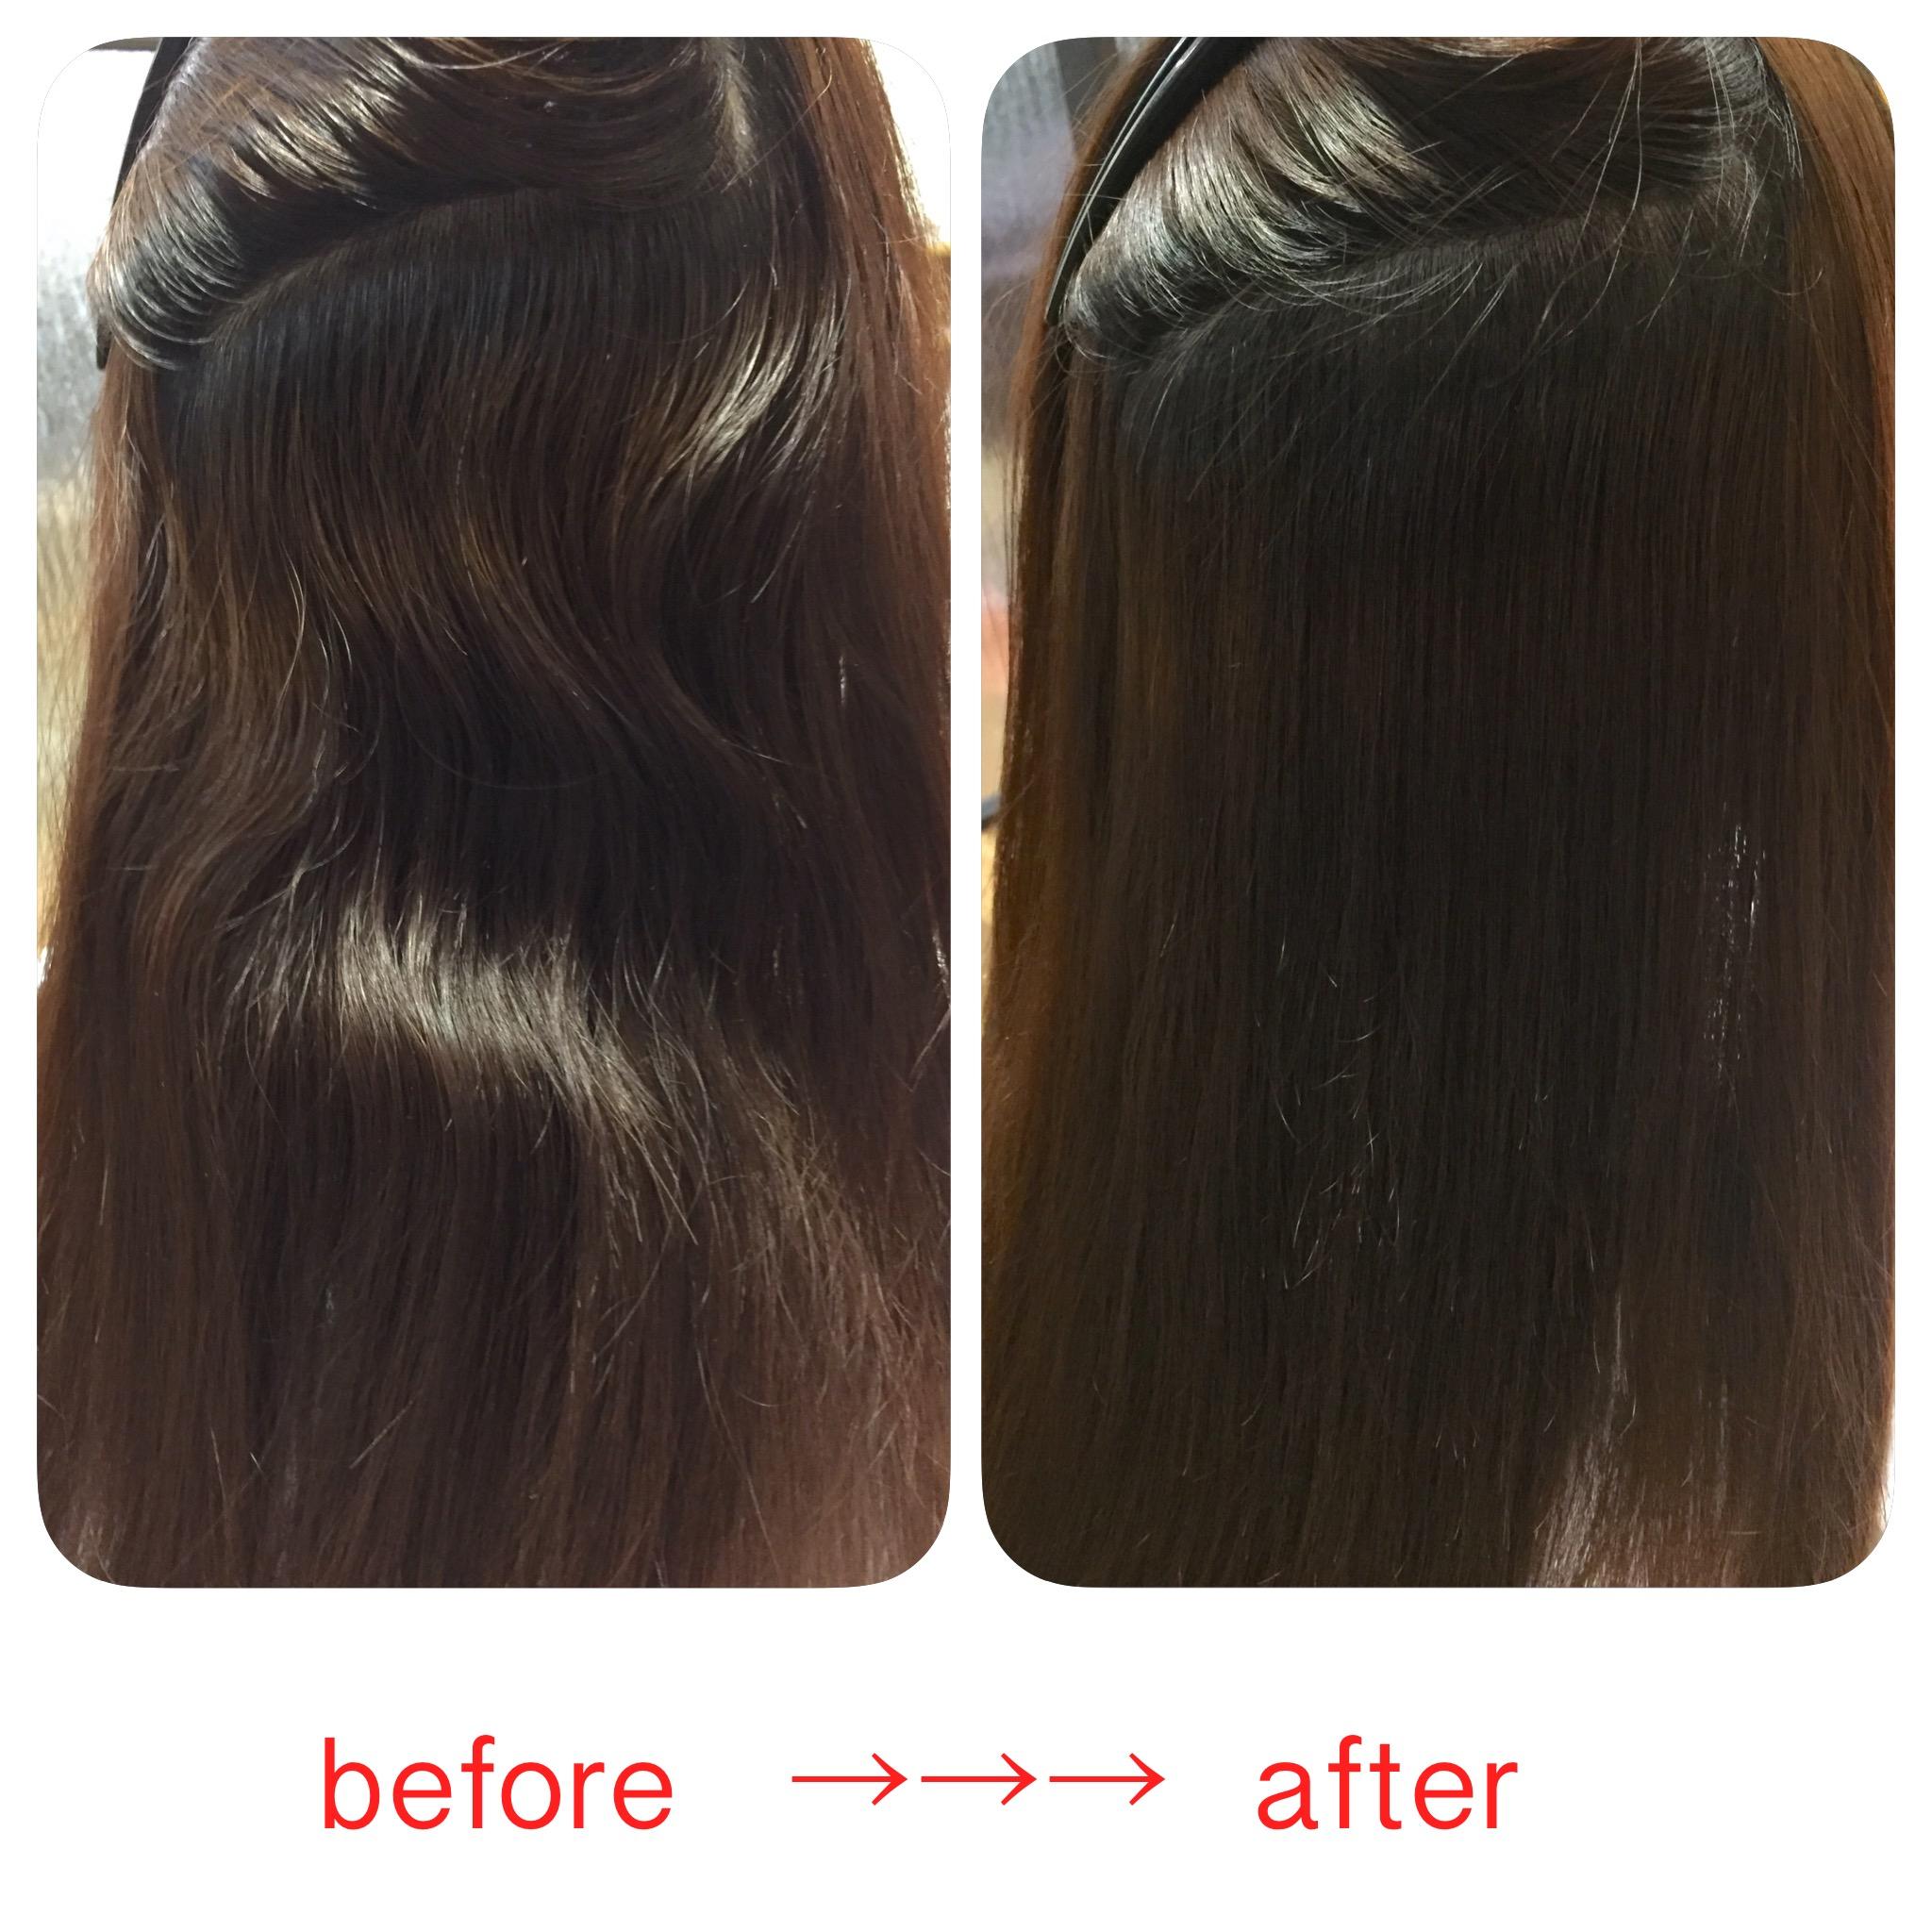 改善 の 縮 質 矯正 違い と 毛 髪